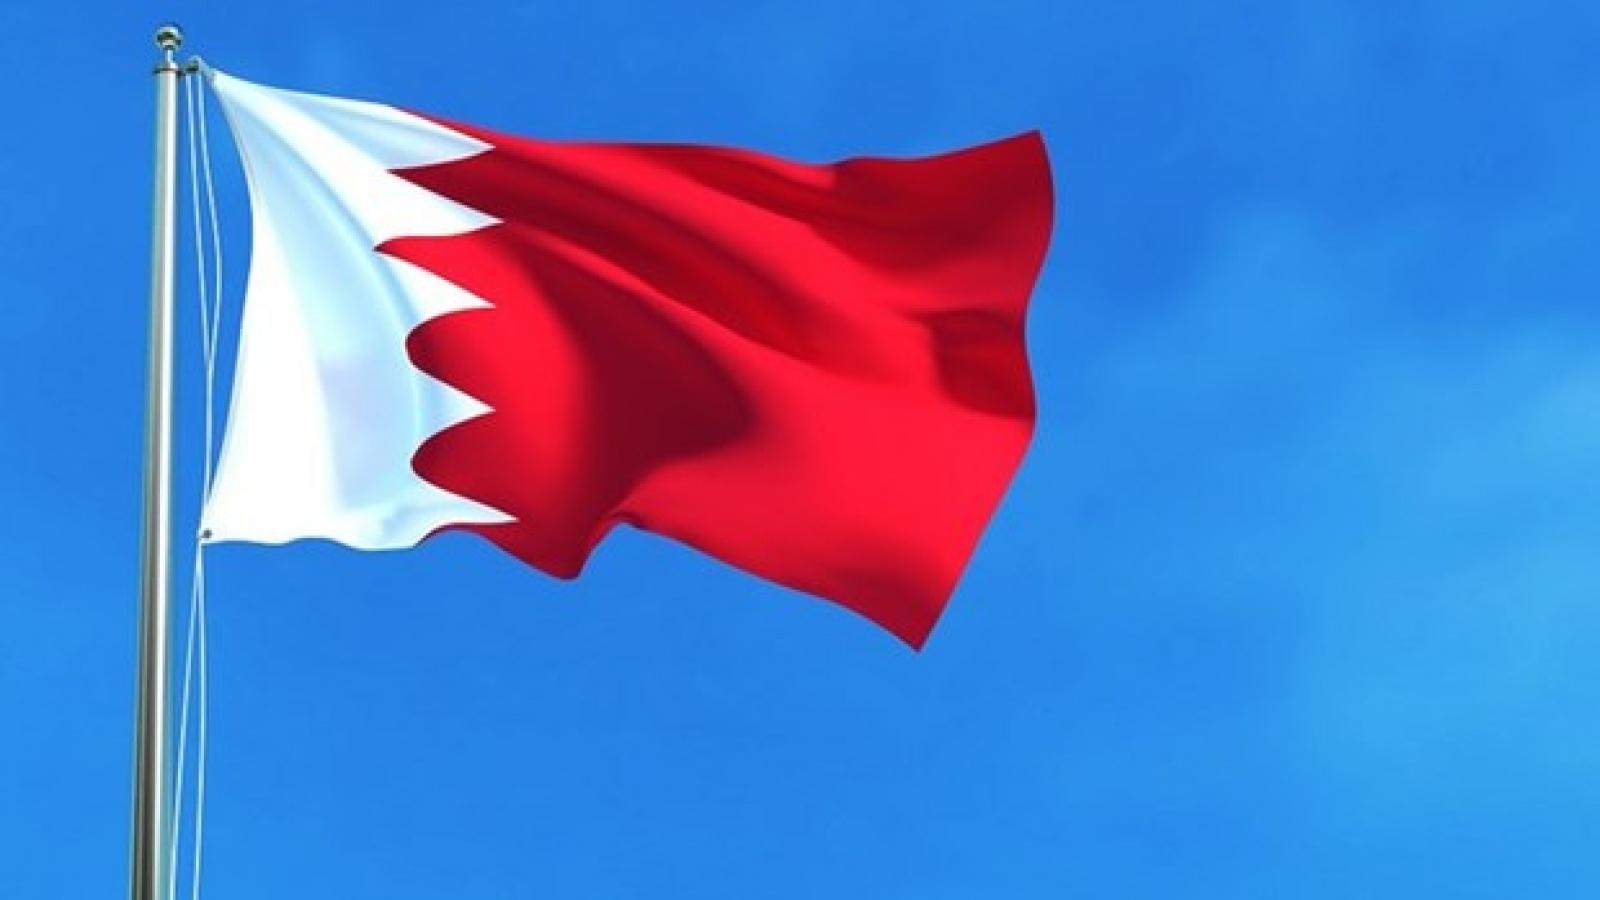 Ngoại trưởng Bahrain và Israel điện đàm